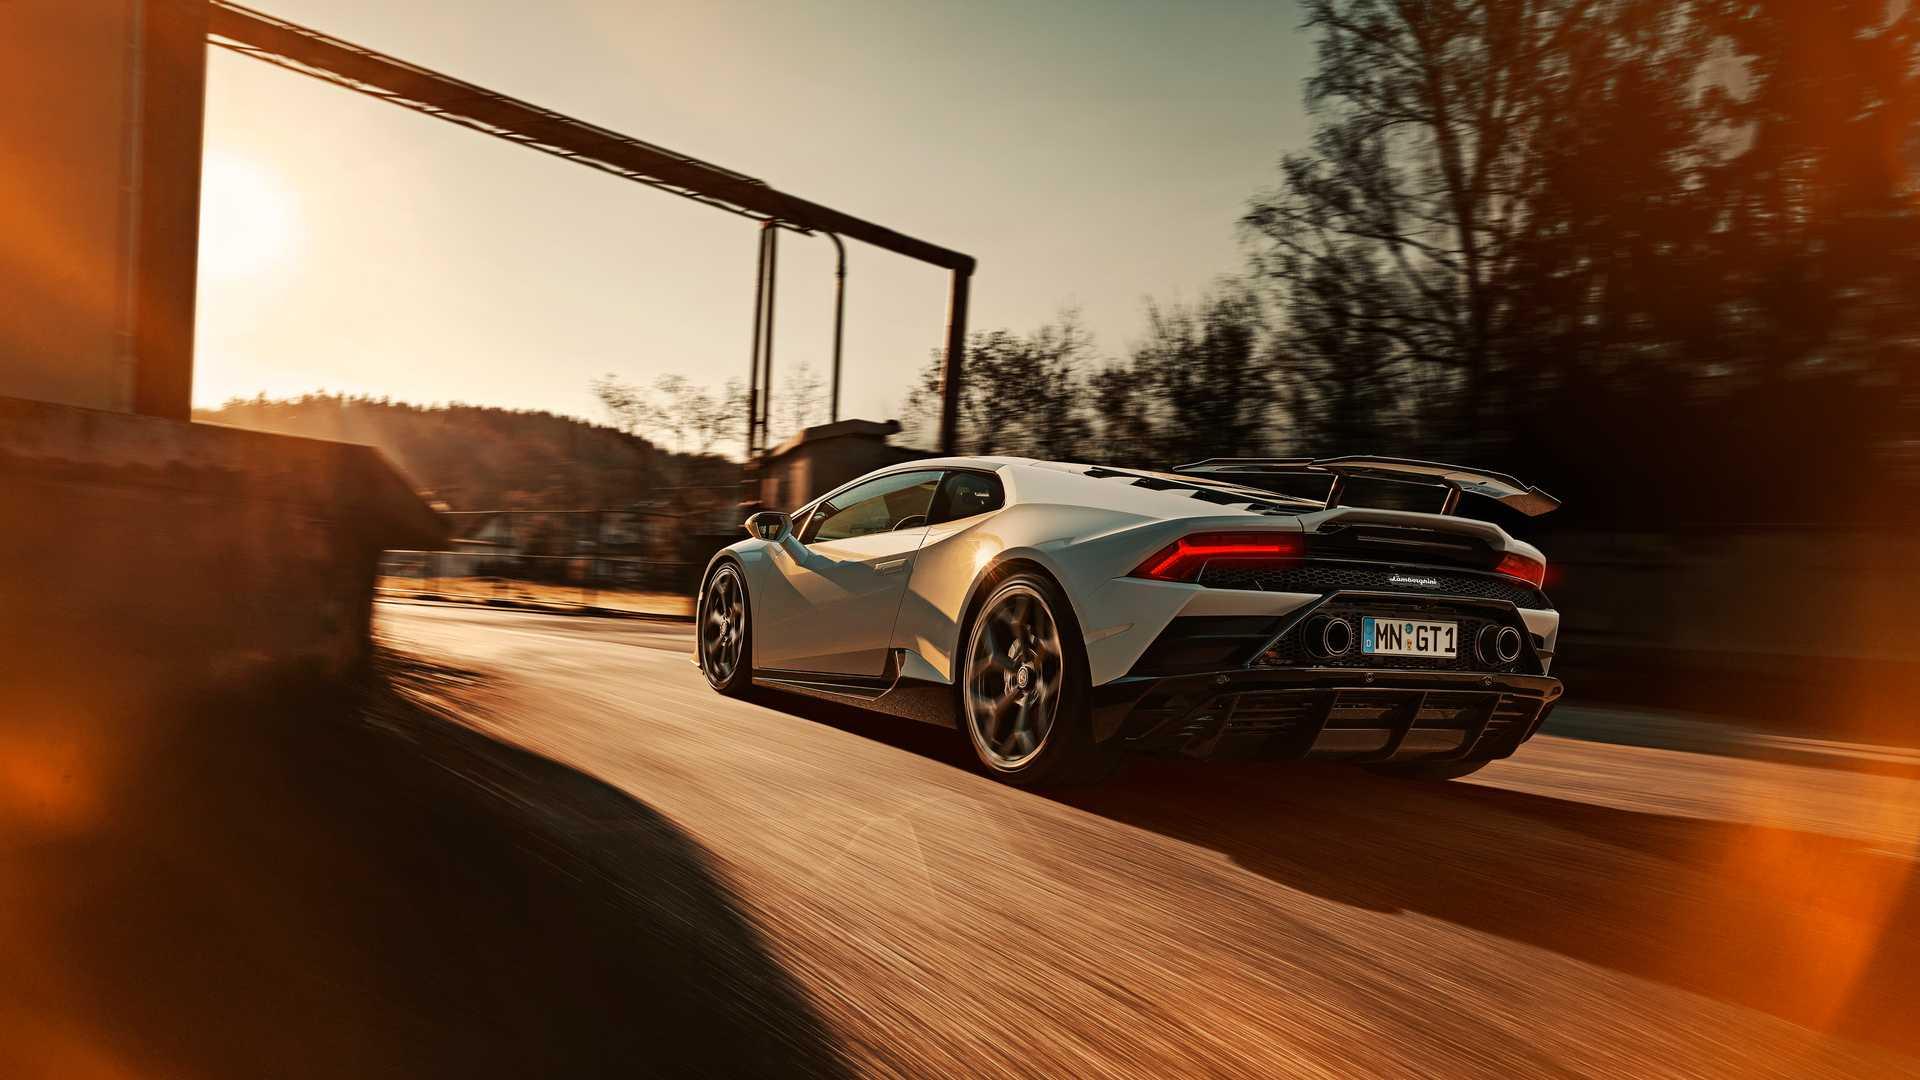 Lamborghini_Huracan_Evo_by_Novitec_0006